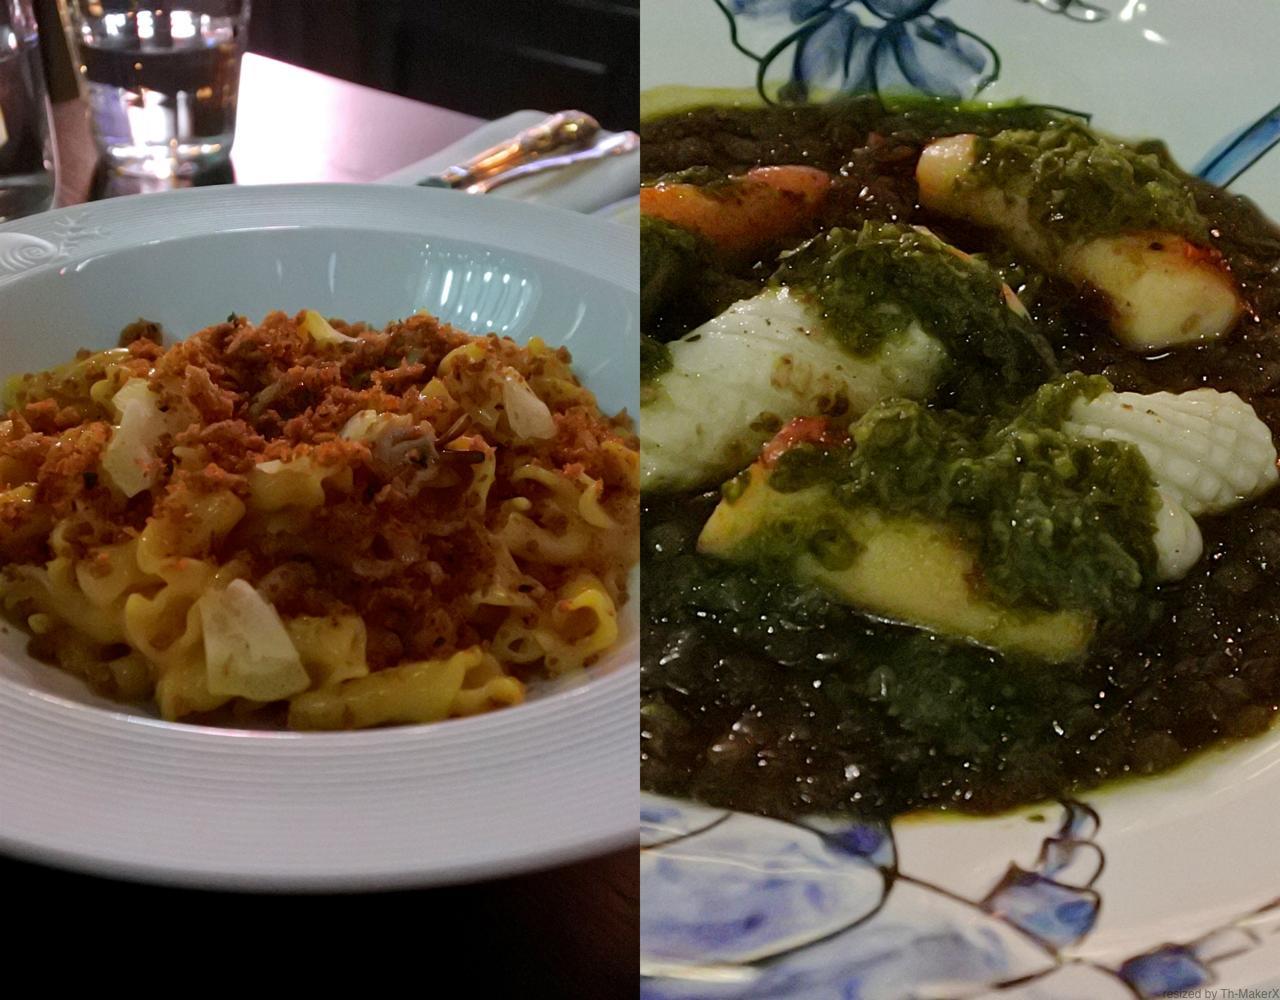 右はイカとタコのグリルの下に、レンティル煮とサルサヴェルデが添えられている一皿。いろいろな意味で完璧な一皿。左はクラムのパスタなんだけど、これもまたコクがあって旨いのれす〜食べてみてみて